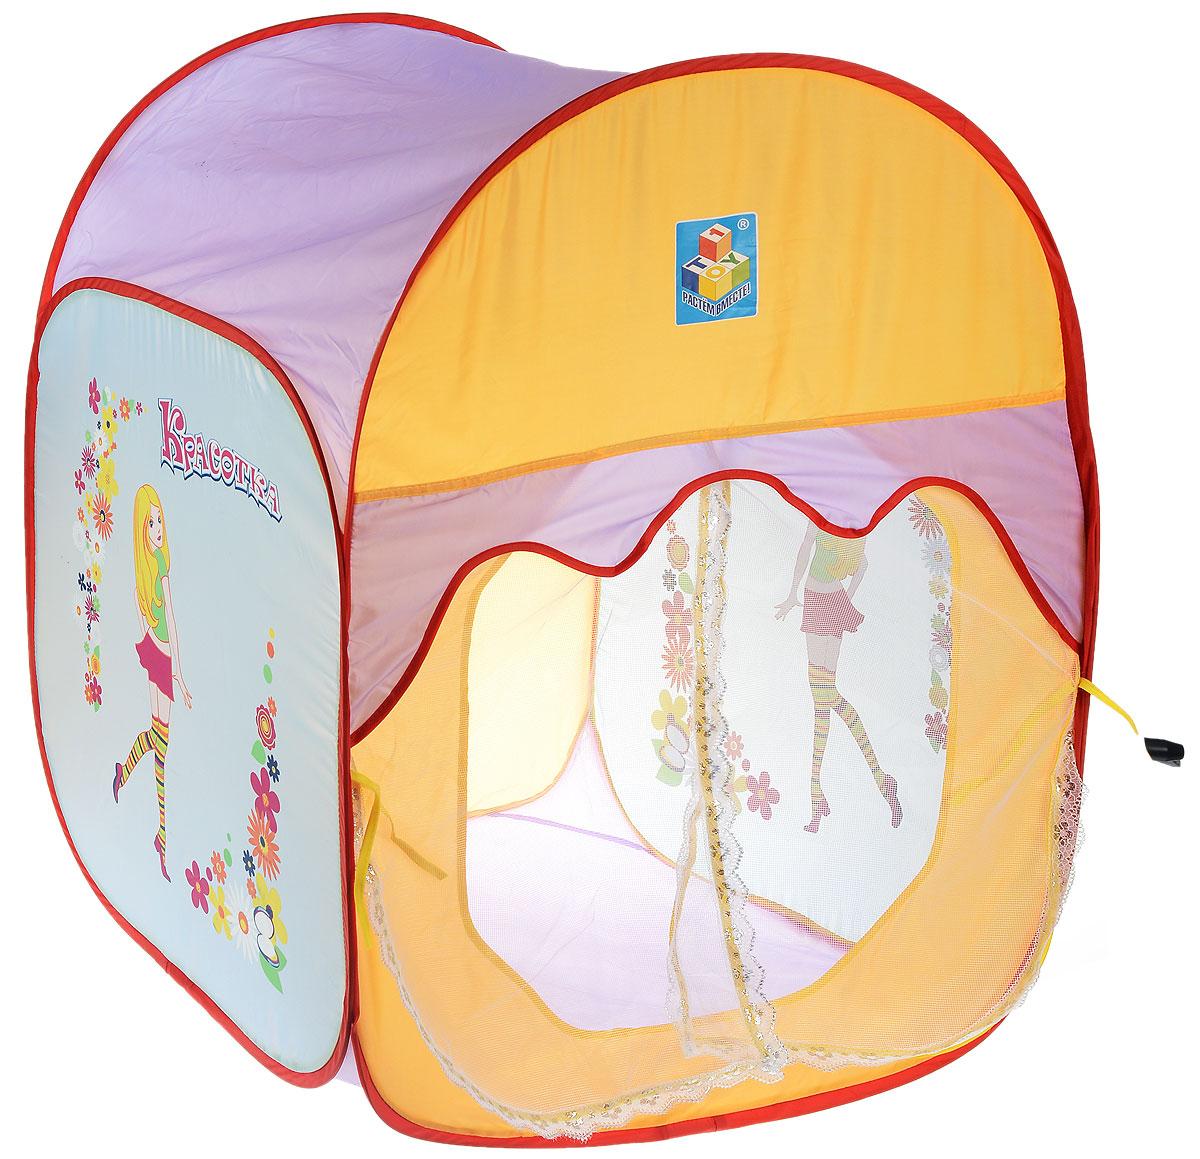 1TOY Детская игровая палатка Красотка цвет желтый голубой Т52675_желтый, голубой